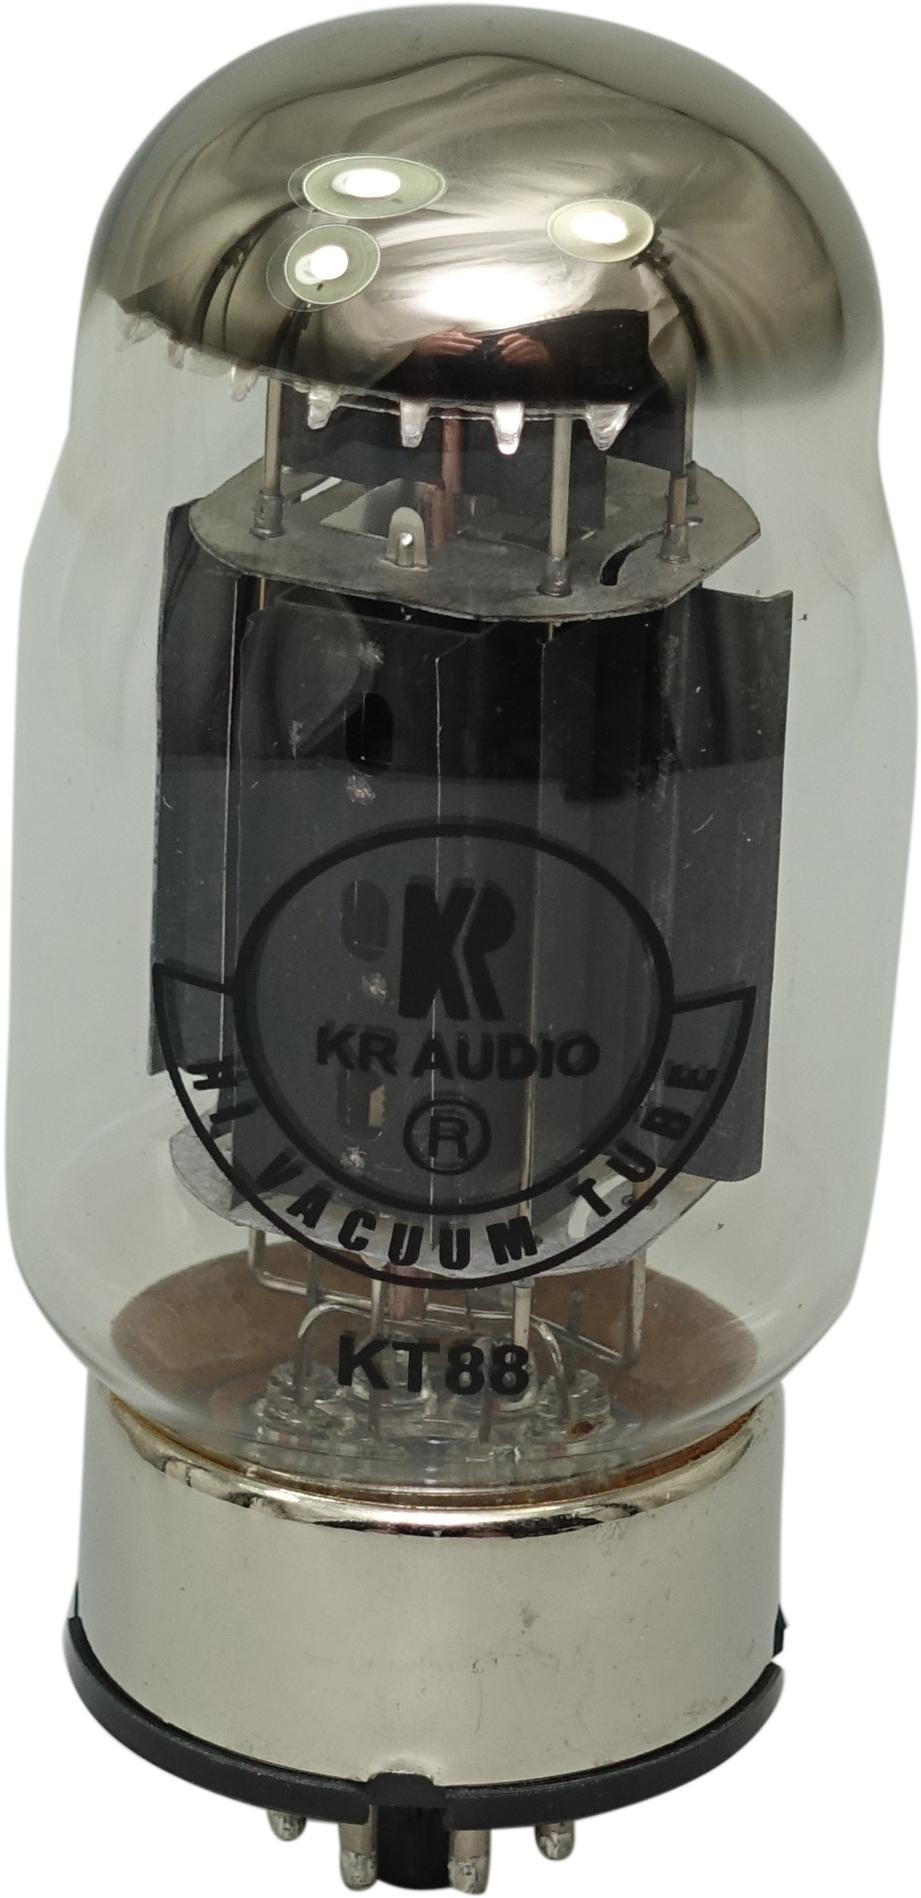 KR Audio KT88 Paar (2 gematchte R